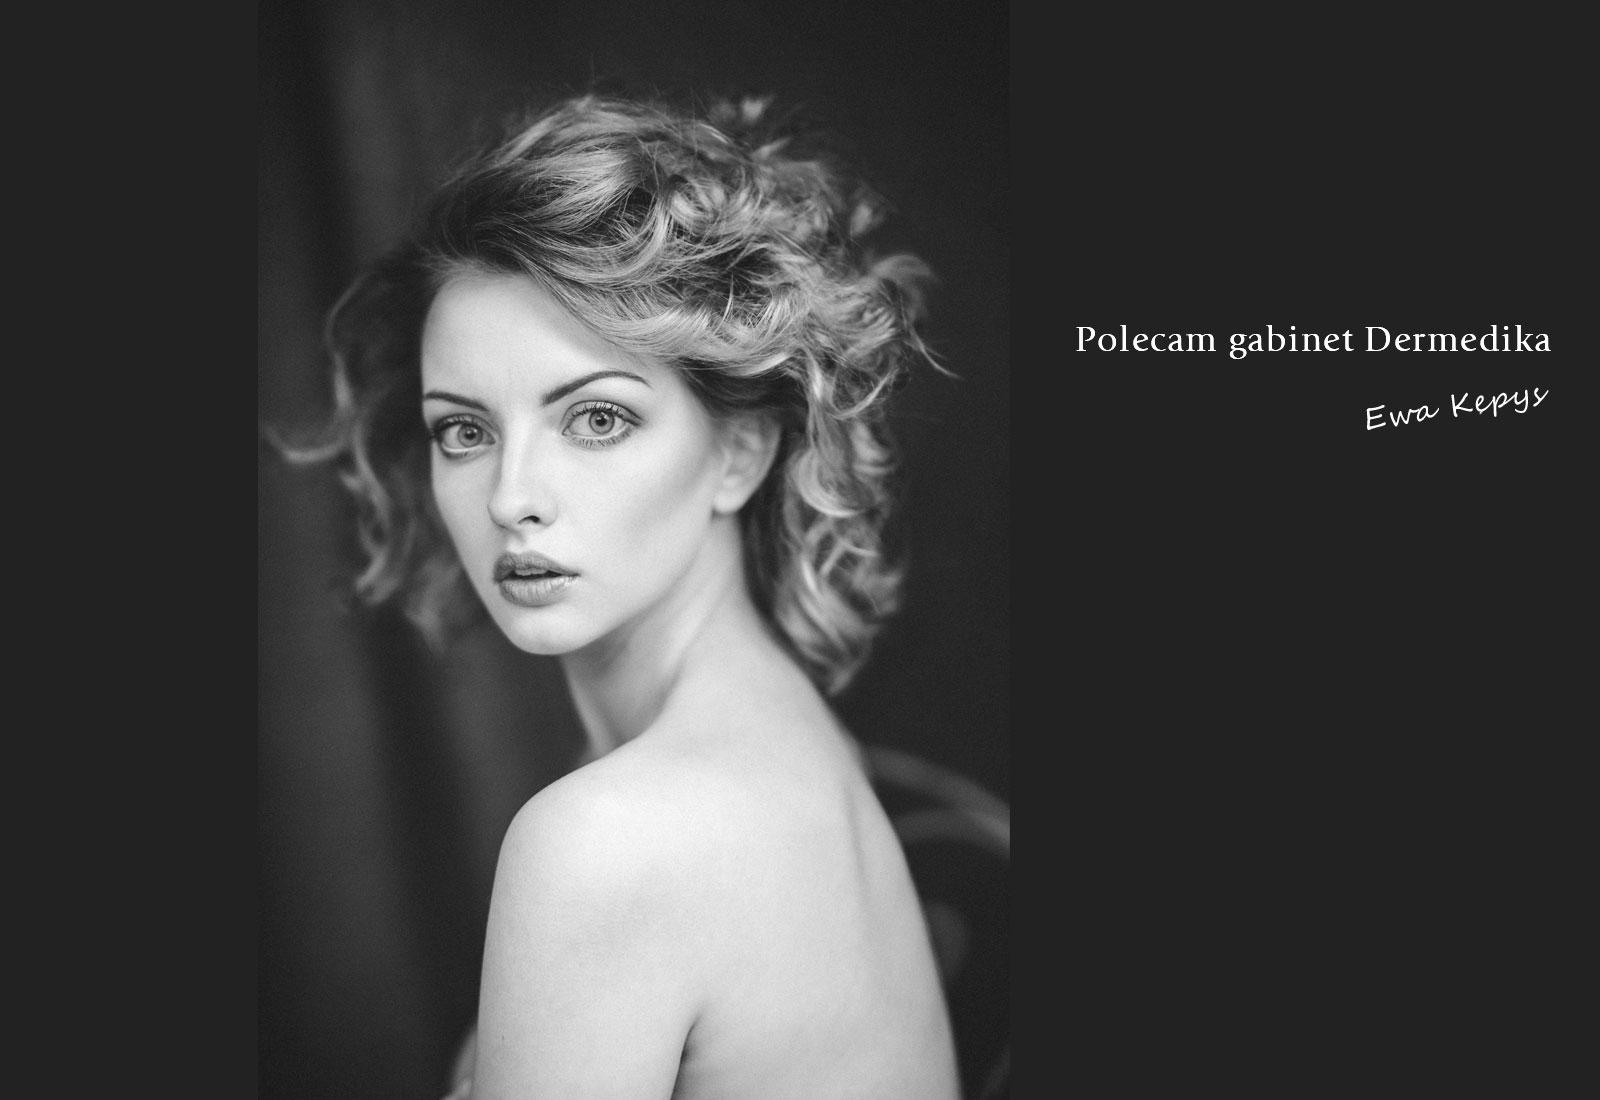 Polecam salon Dermedika - Ewa Kępys